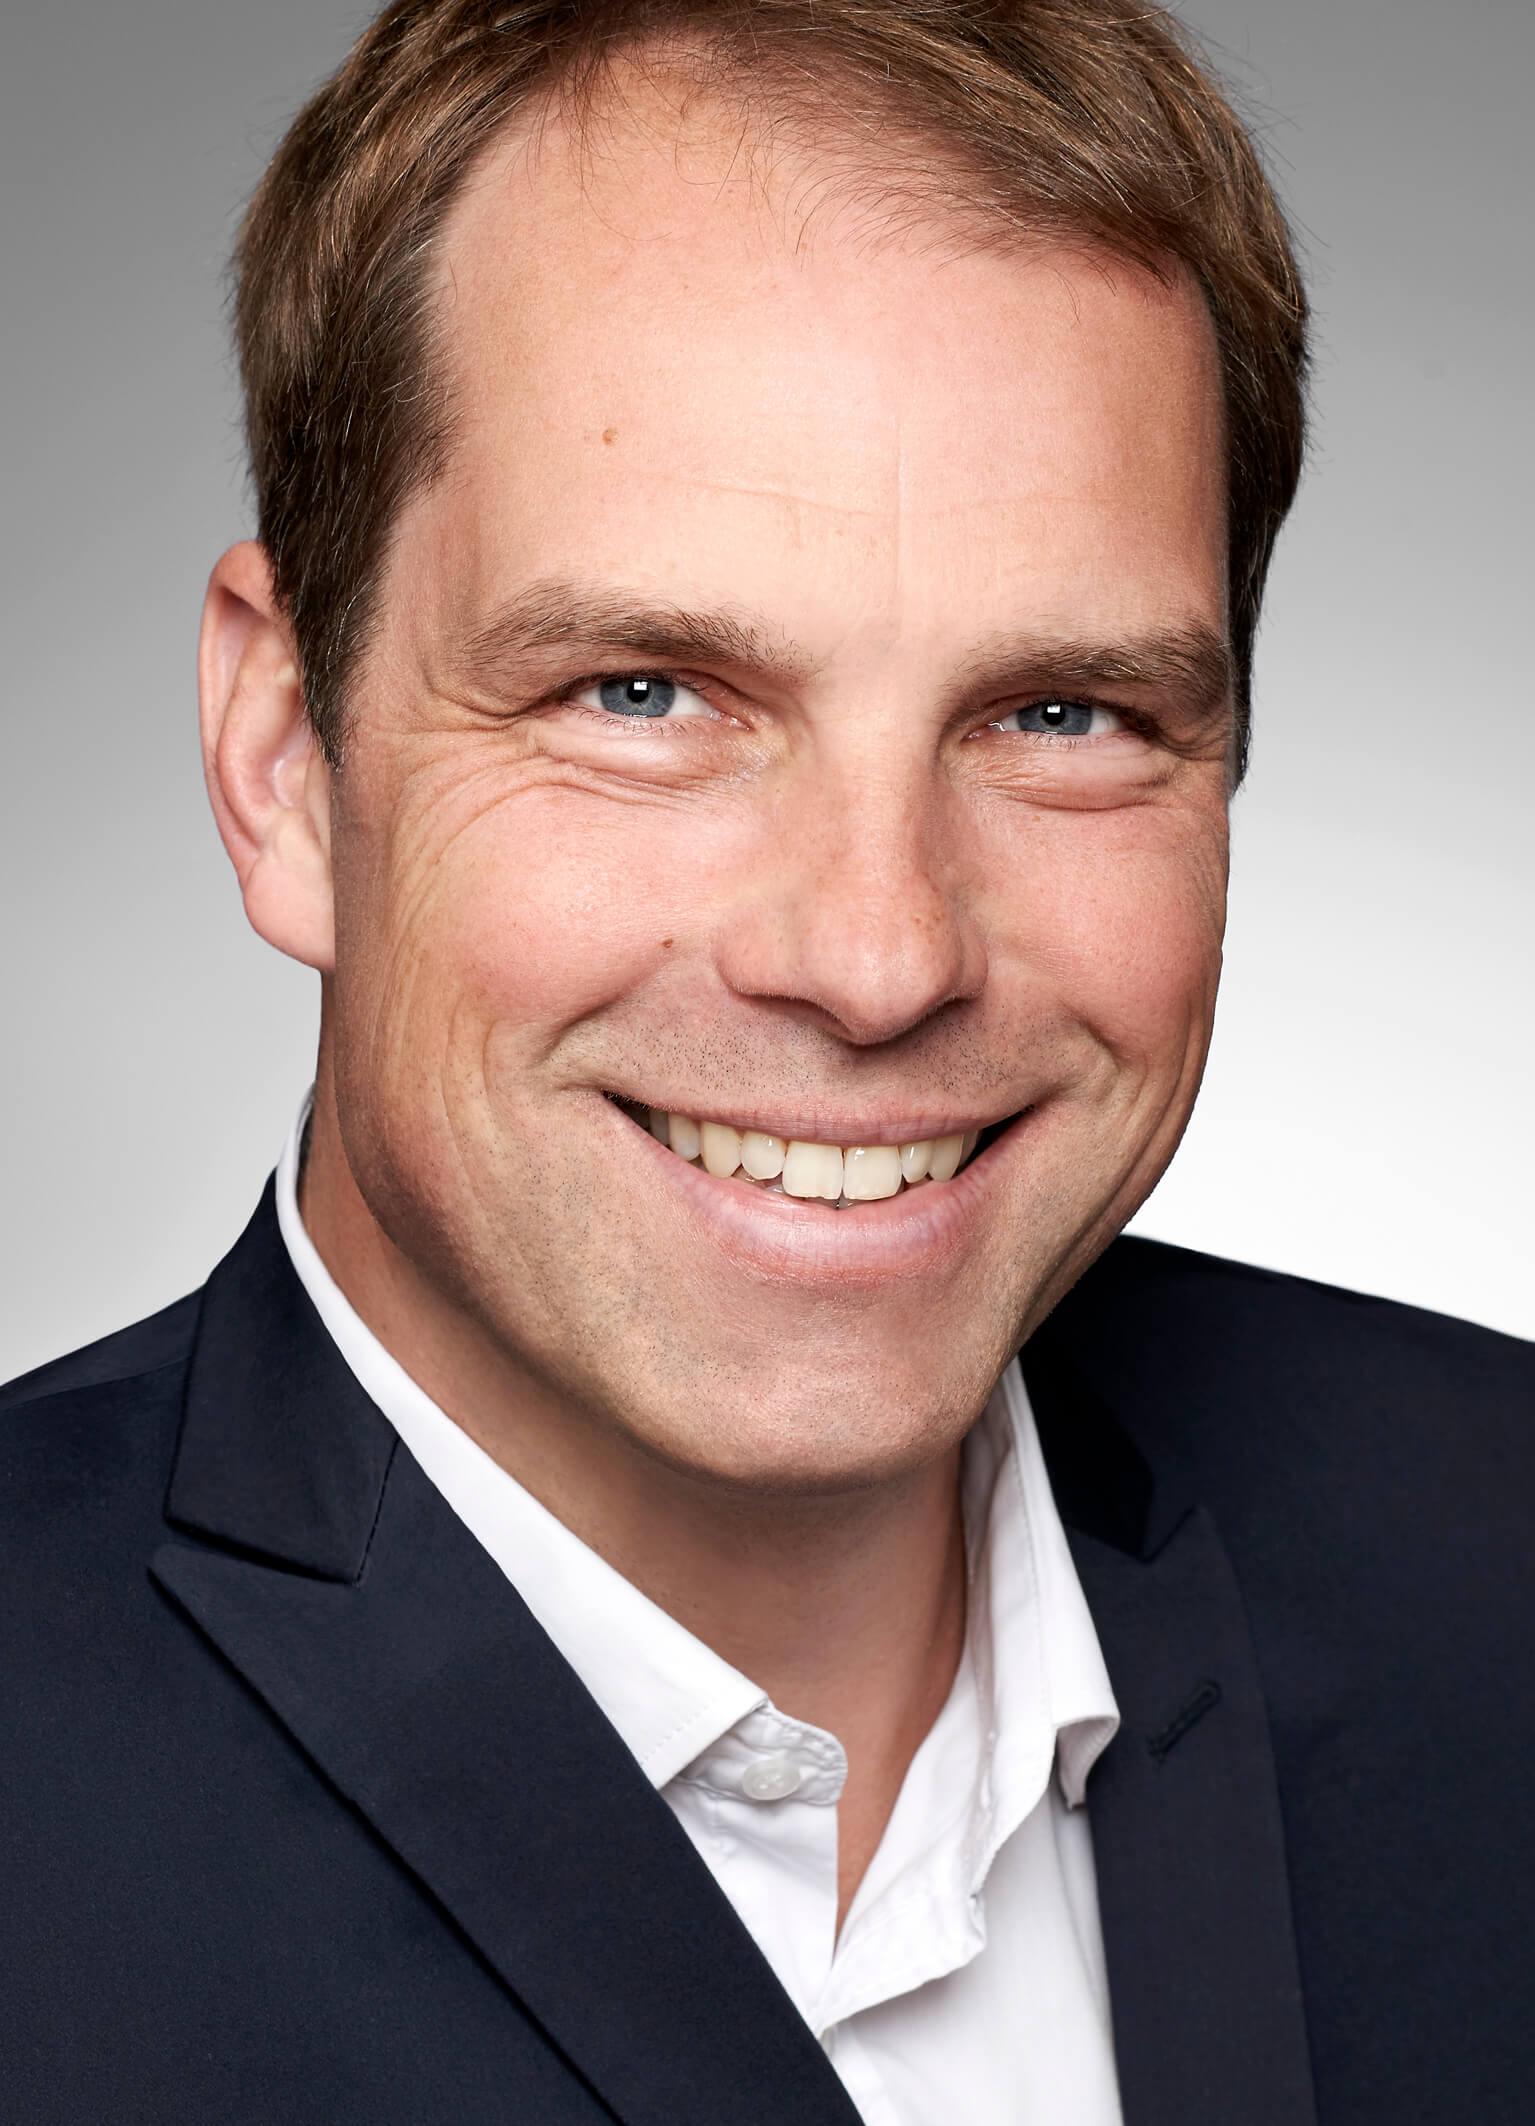 Profilbild von Sven Frank, dem Inhaber der Speedlearning Academy